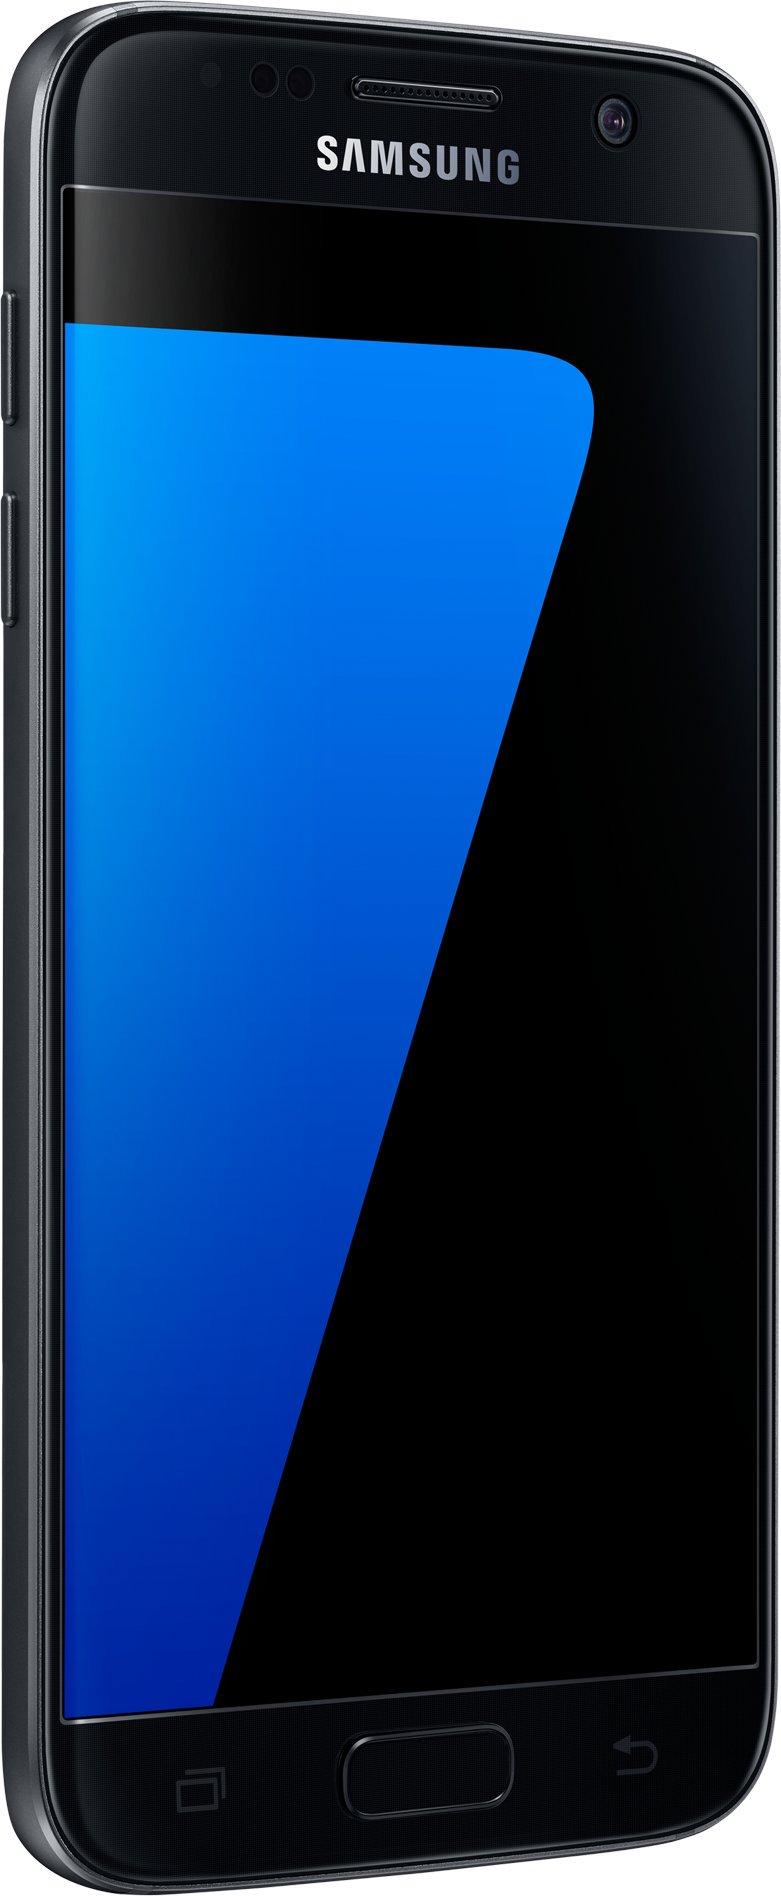 Samsung Galaxy S7 Black - 32GB